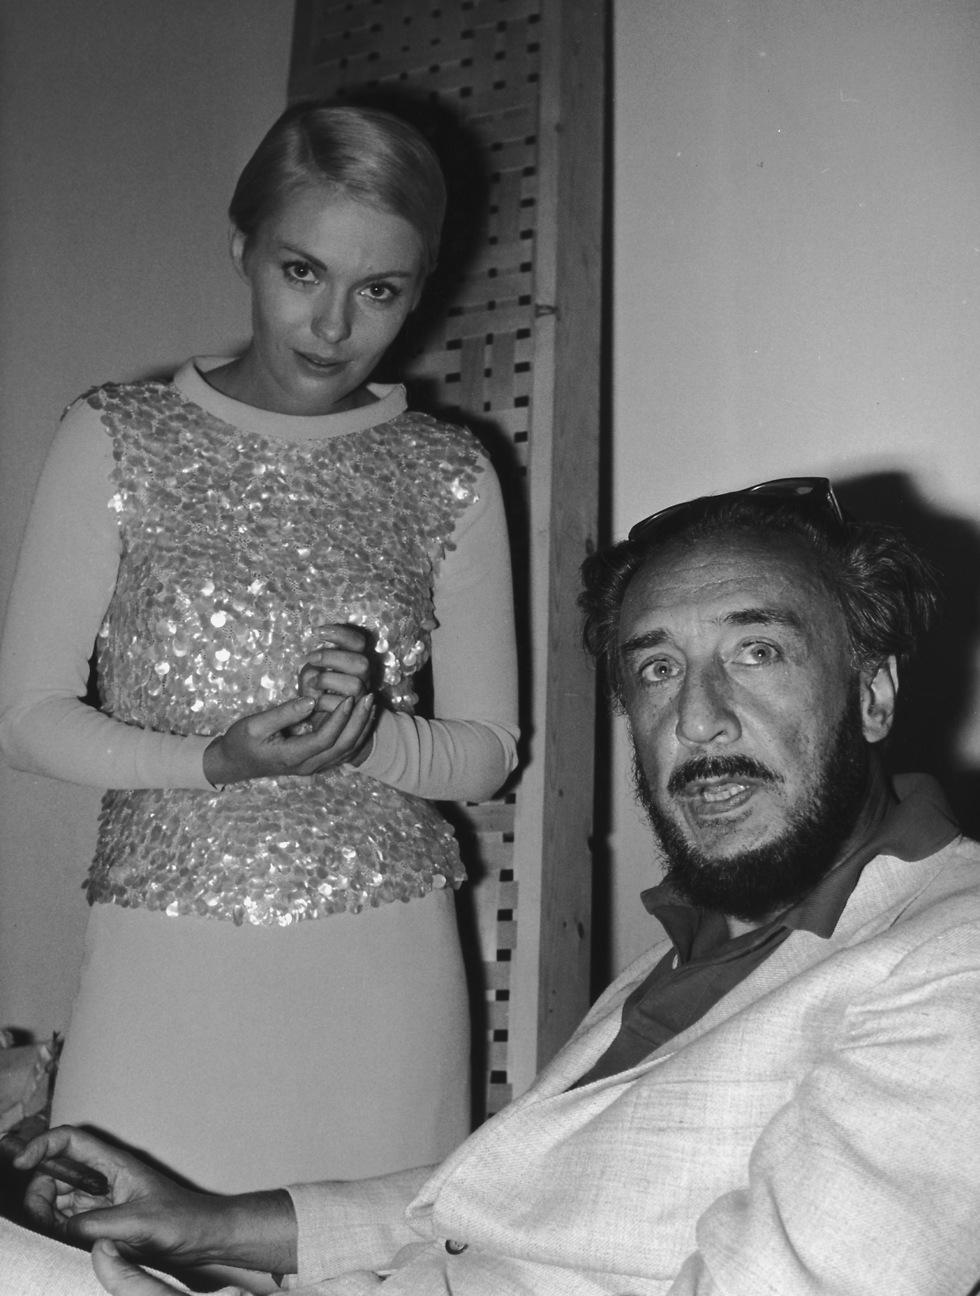 """ניסיון כושל ליצור משהו יחד. גארי וסיברג בצילומי הסרט """"ציפורים באות למות בפרו"""", 1967 (צילום: gettyimages)"""